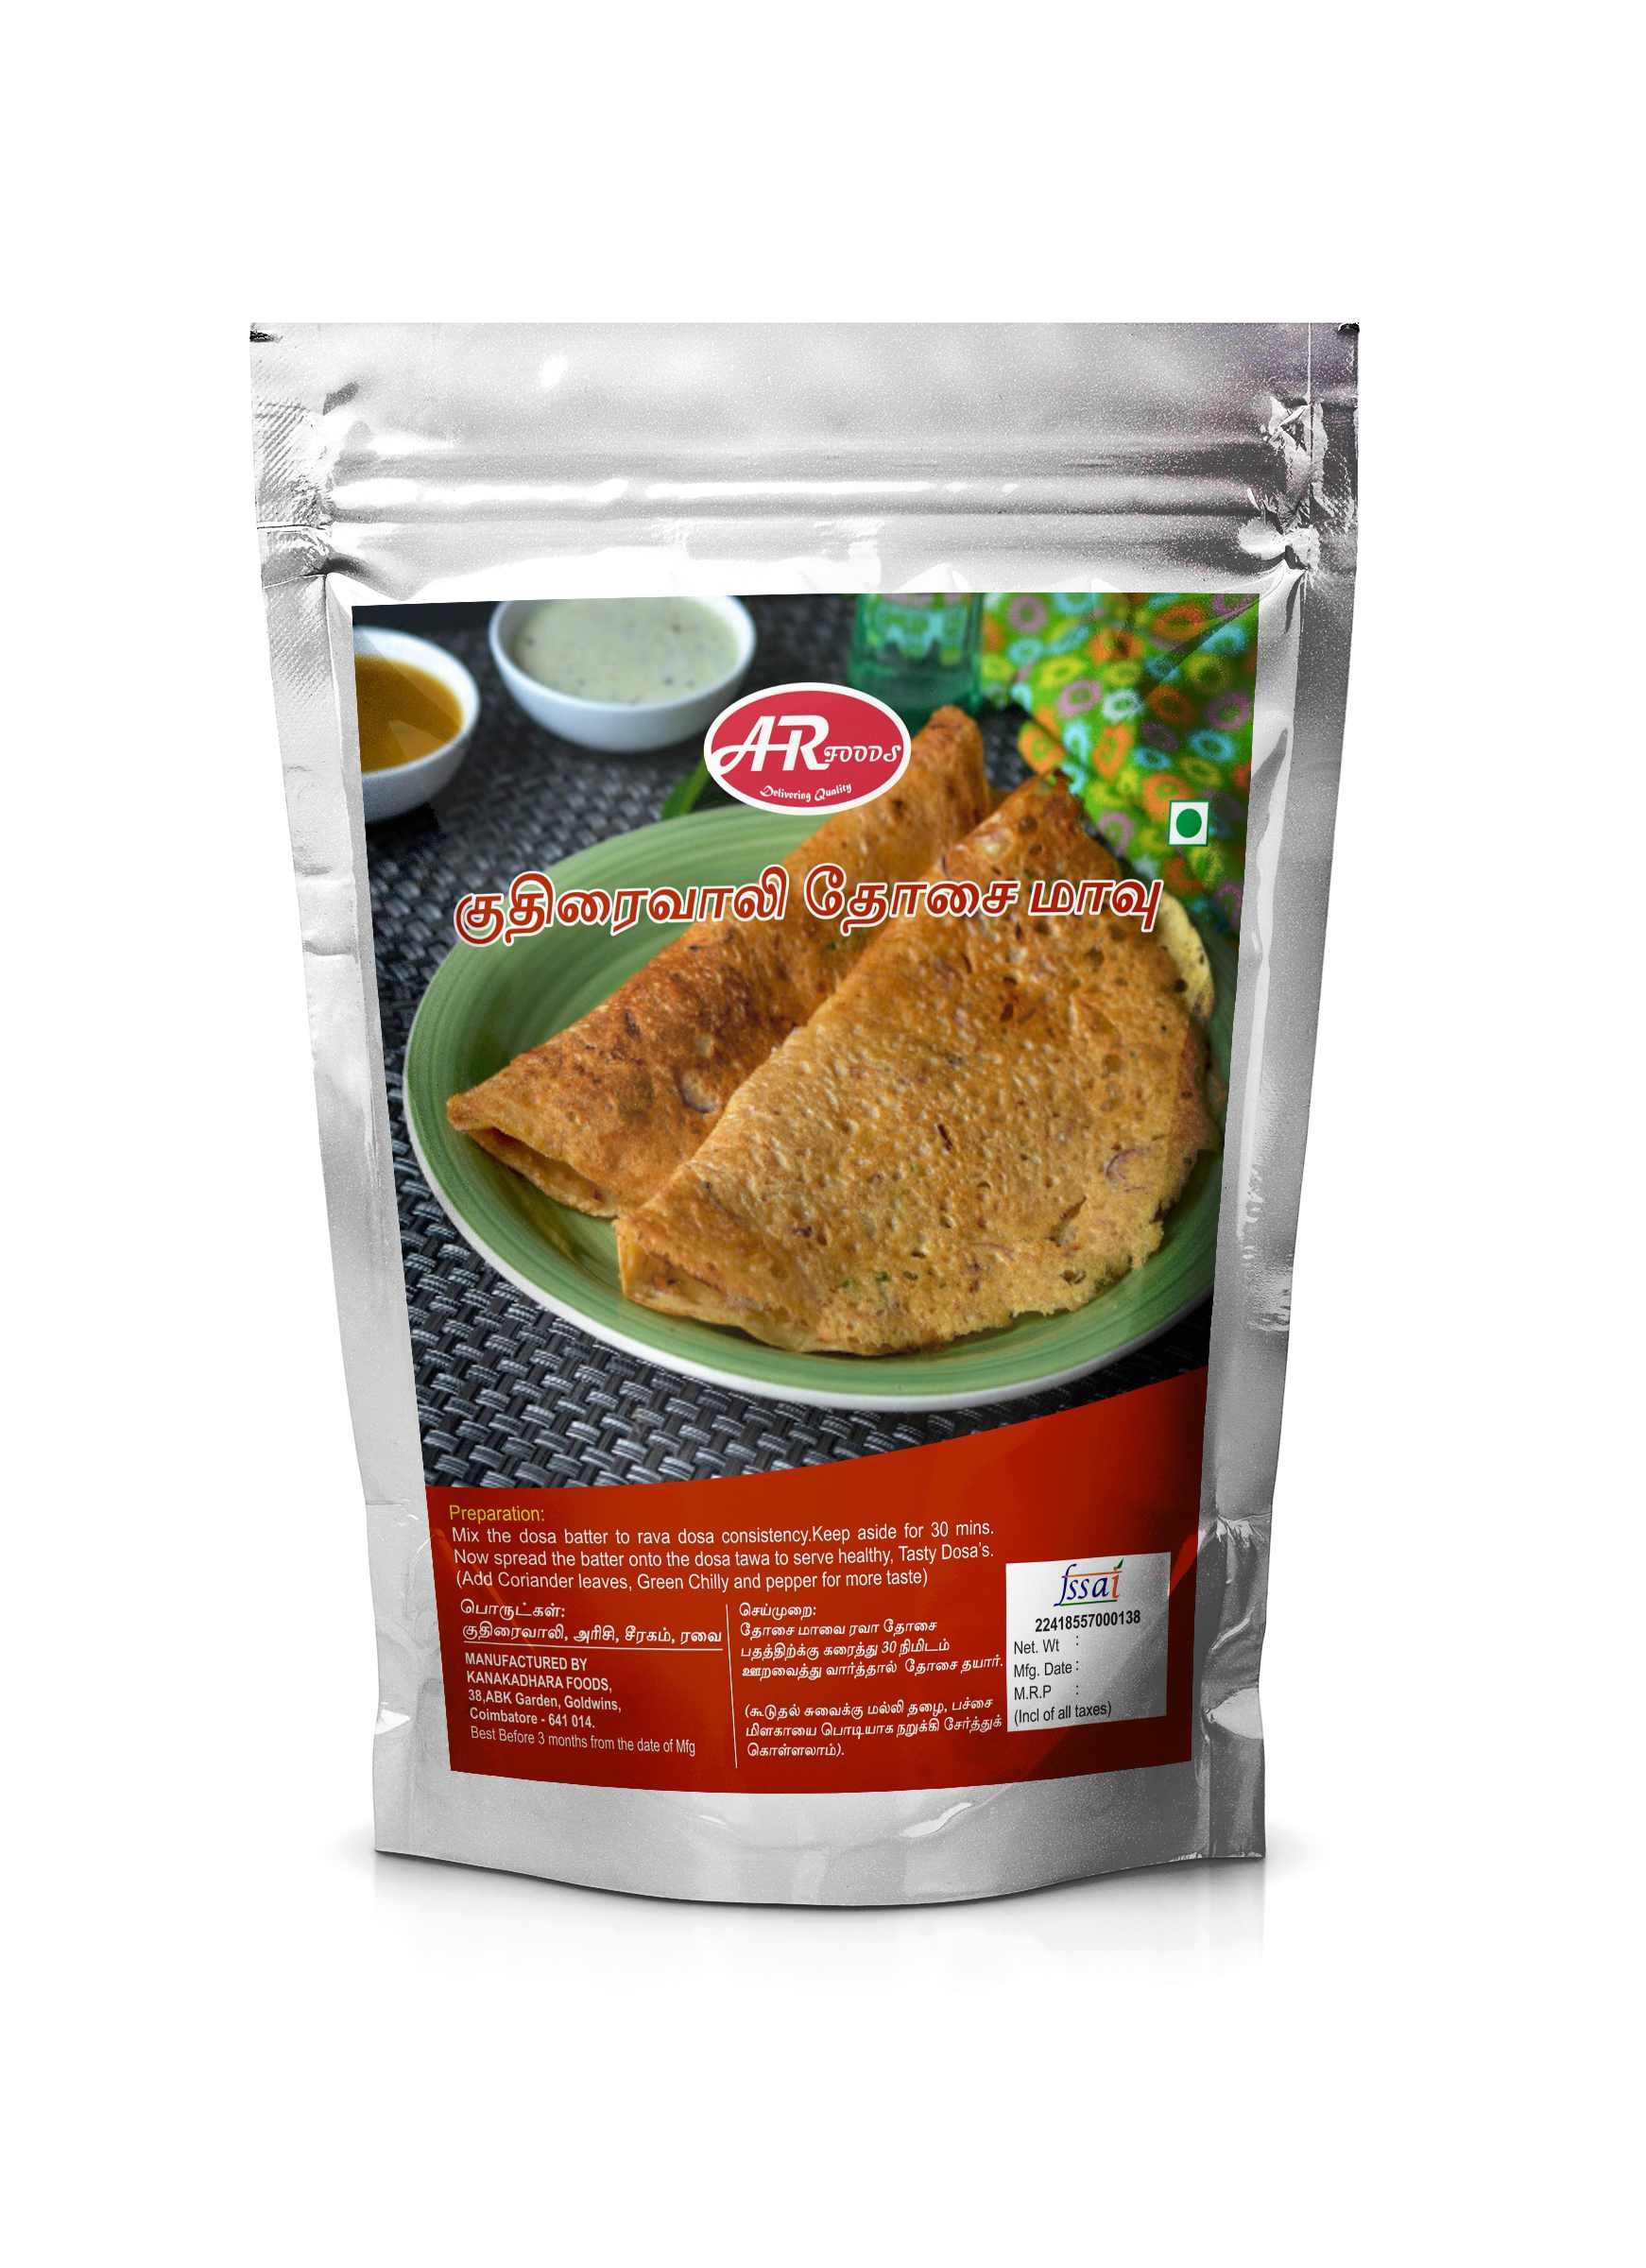 Kuthiraivali dosai_ar_foods_coimbatore